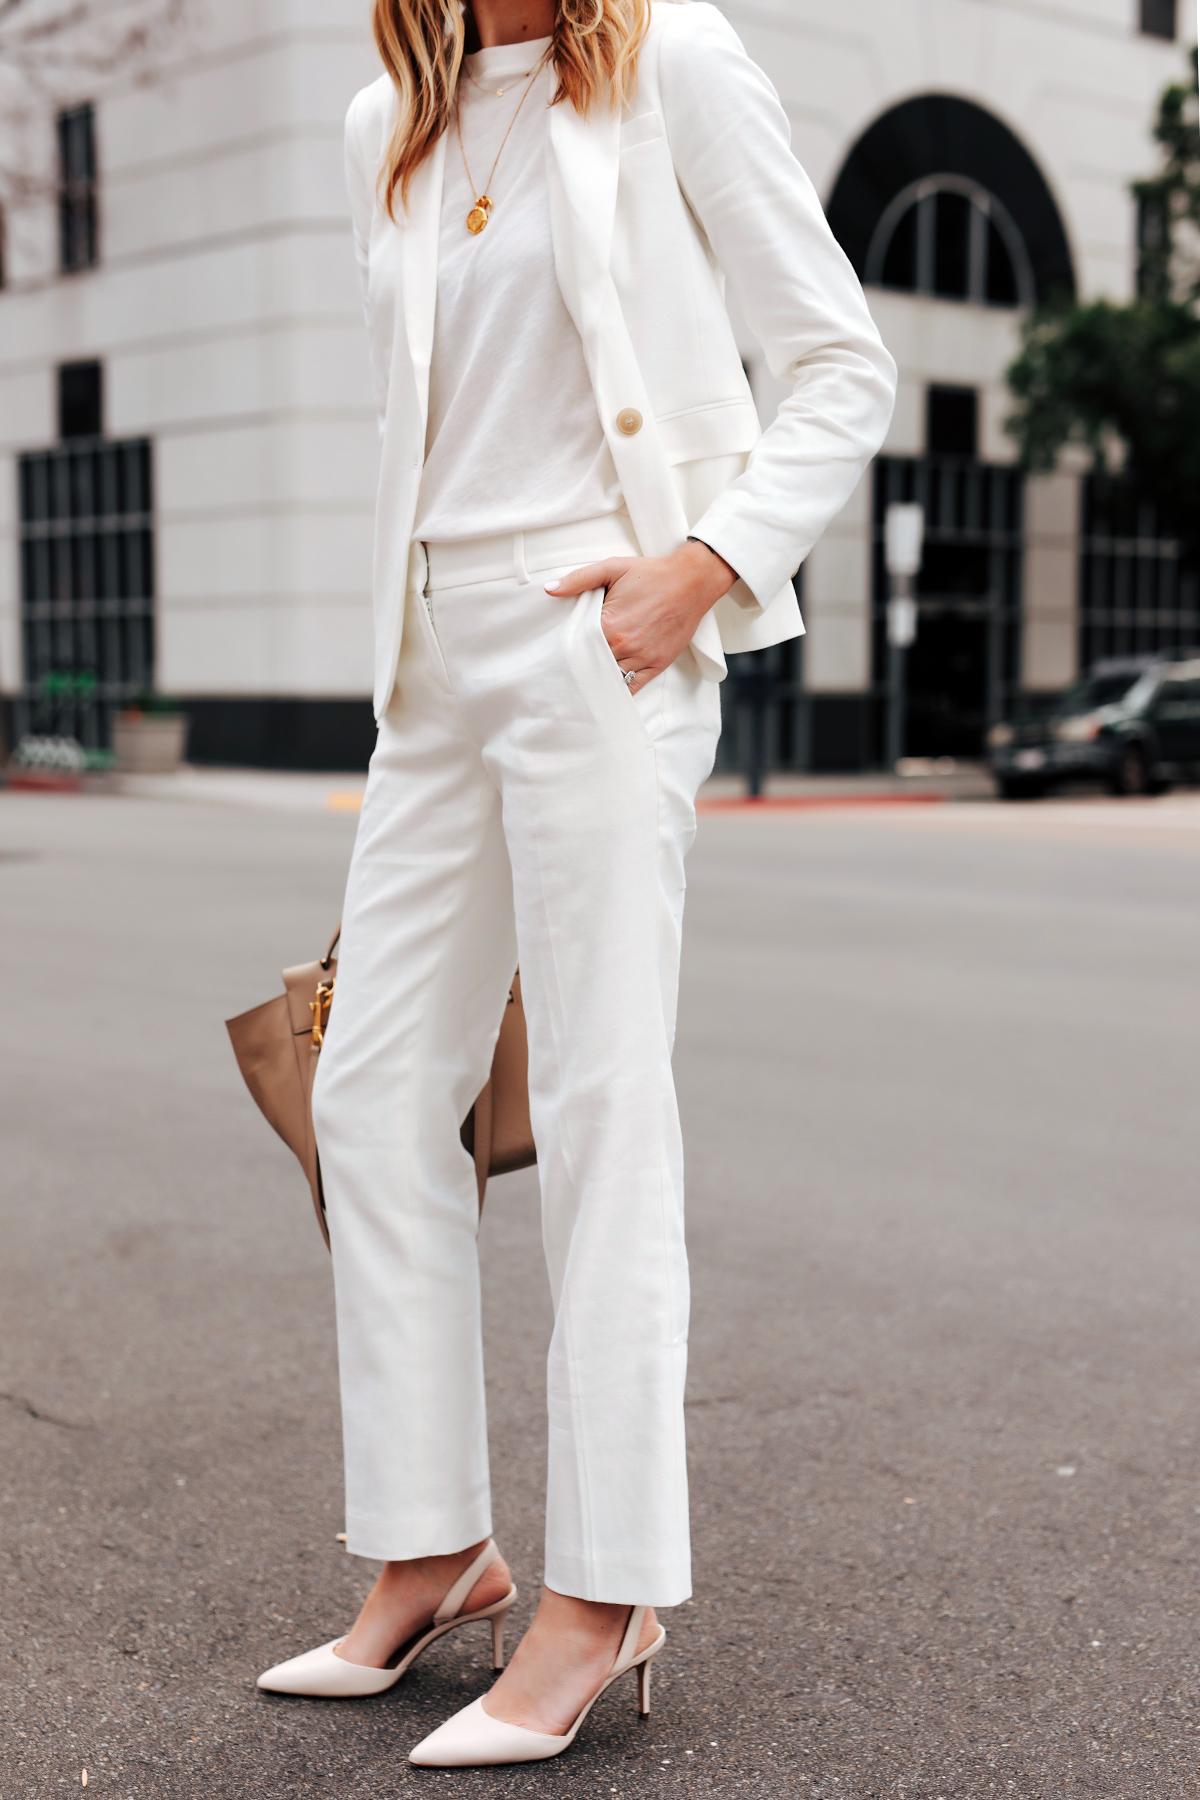 Fashion Jackson Wearing Ann Taylor White Blazer White Tshirt Ann Taylor White Work Pants White Pumps